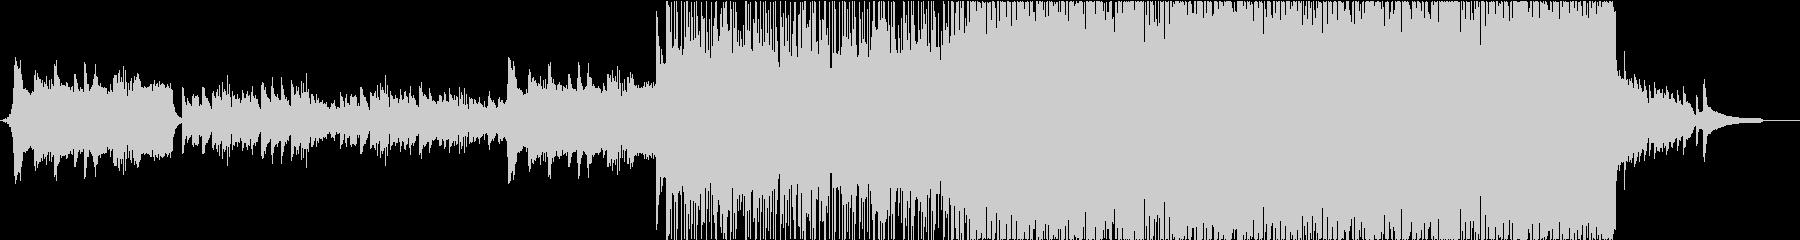 感動系ミディアムポップスの未再生の波形